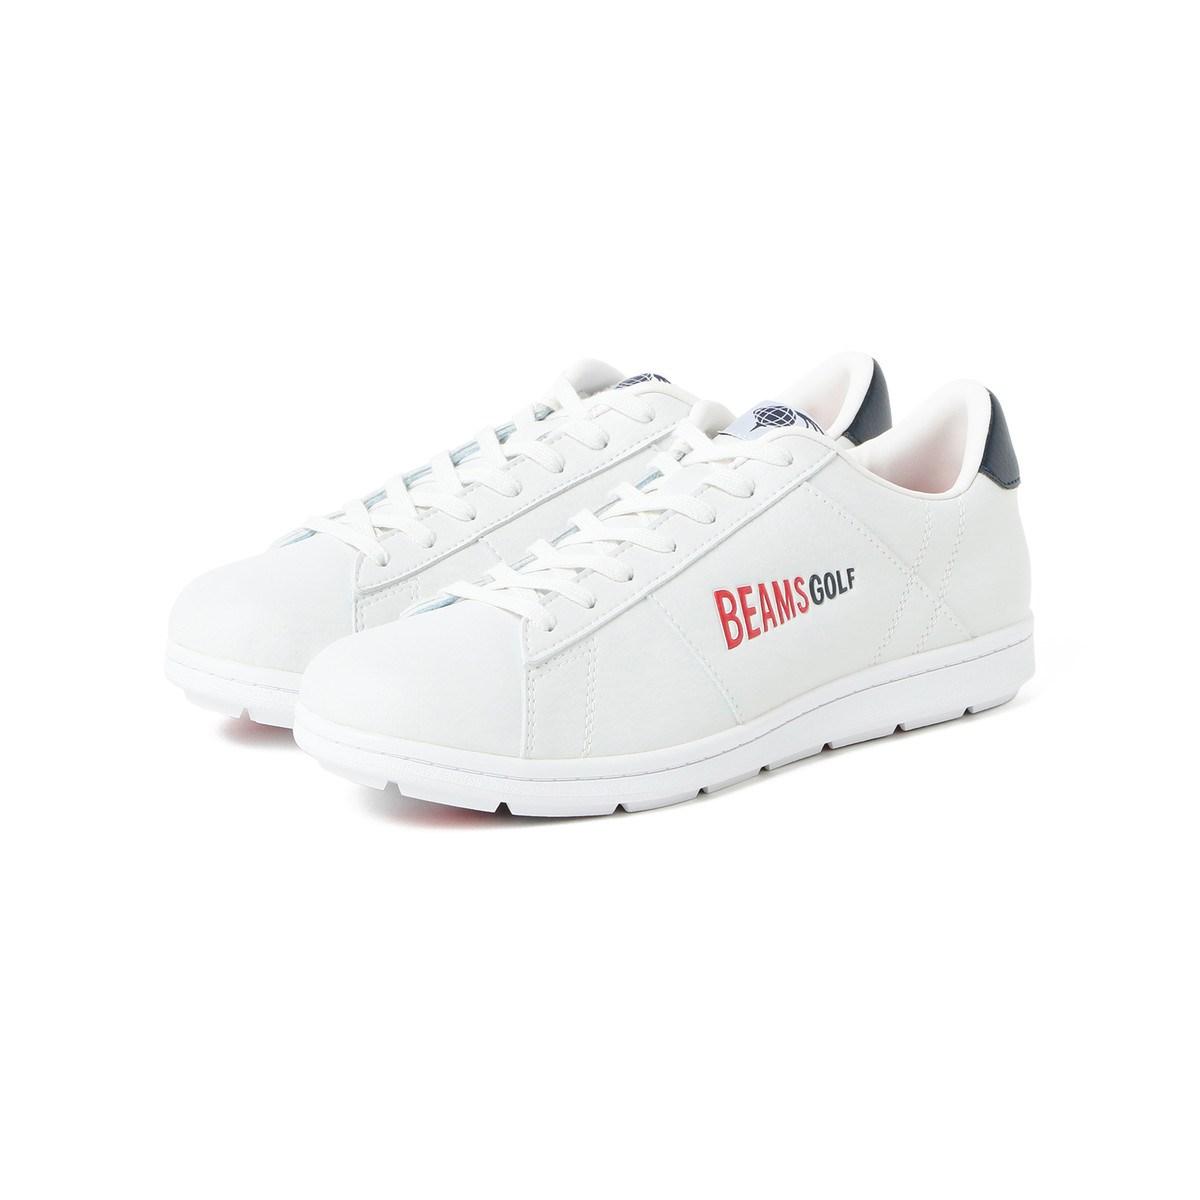 [定番モデル] ビームスゴルフ BEAMS GOLF BRIDGESTONE GOLF×BEAMS GOLF 別注 ZSP-BITER ゴルフシューズ 2 ホワイト 01 メンズ